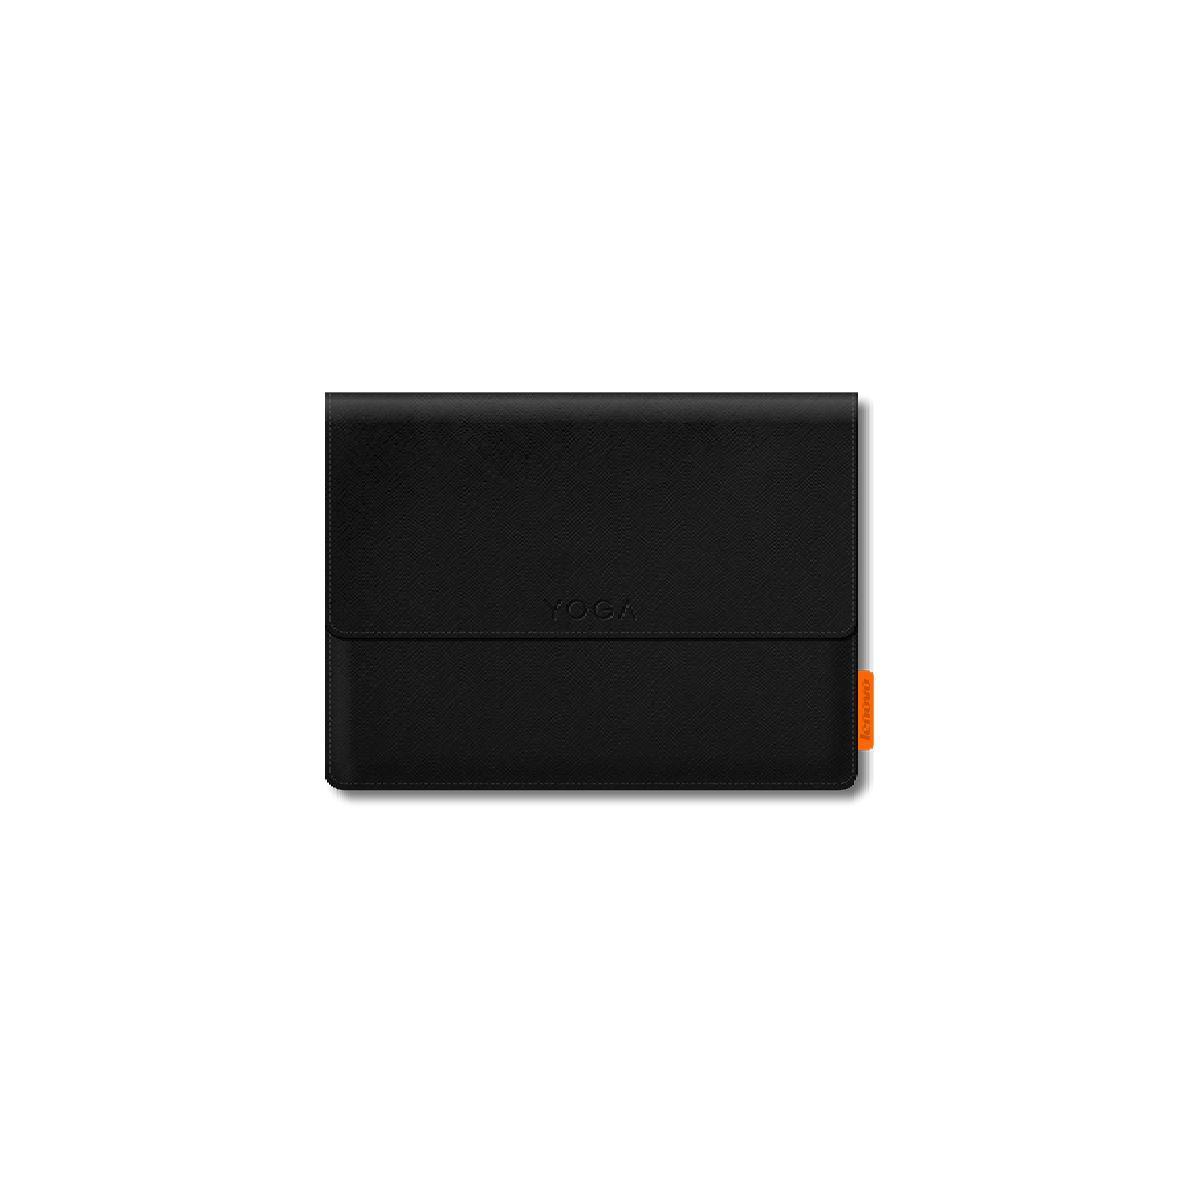 Etui lenovo yoga tablet 3 noir - 20% de remise immédiate avec le code : multi20 (photo)